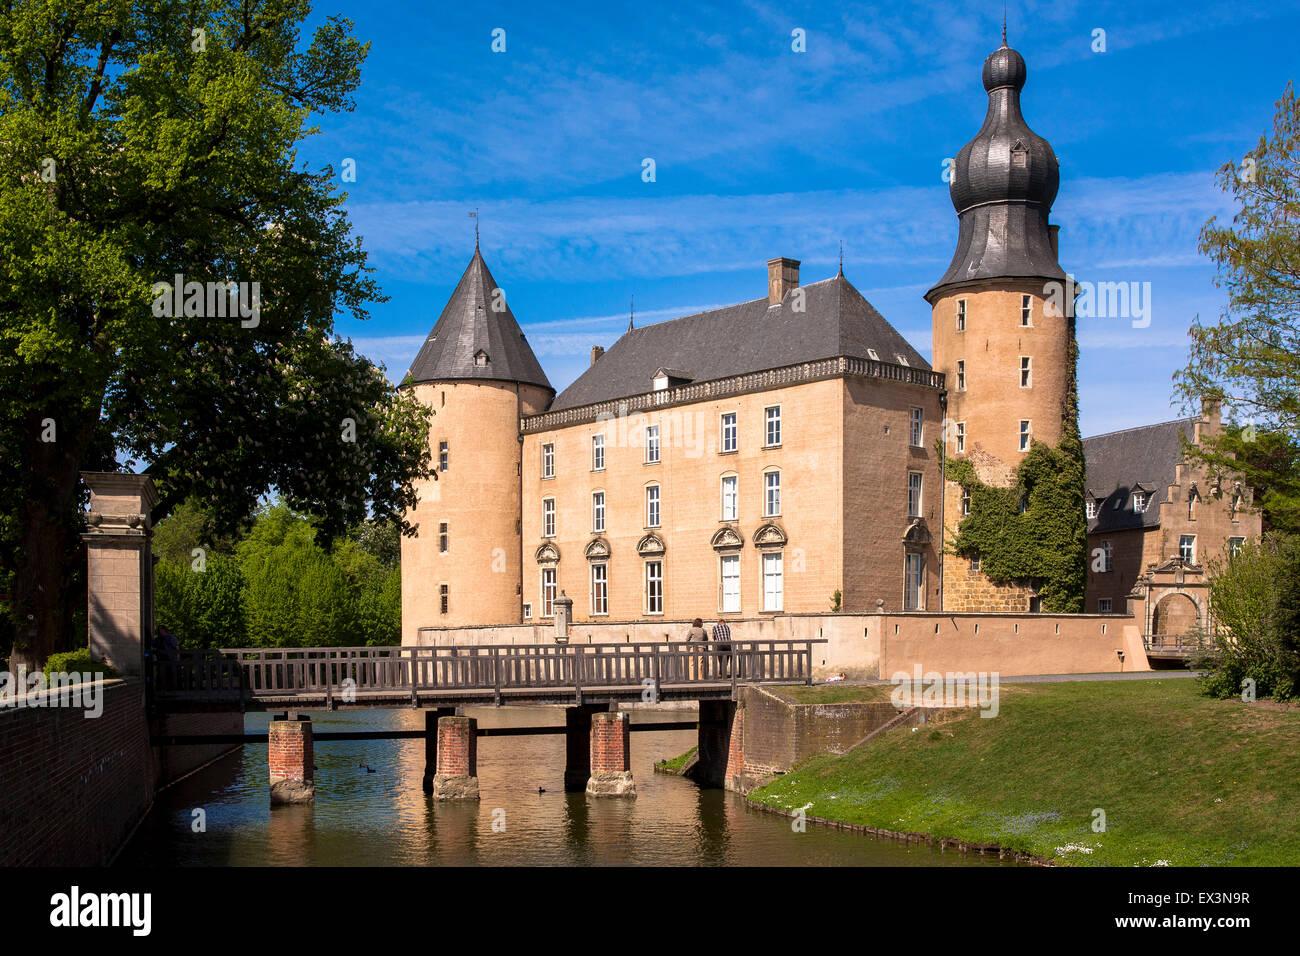 Deu, Deutschland, Nordrhein-Westfalen, Münsterland region, Wasserburg Gemen in Borken. Deu, Deutschland, Nordrhein Stockfoto